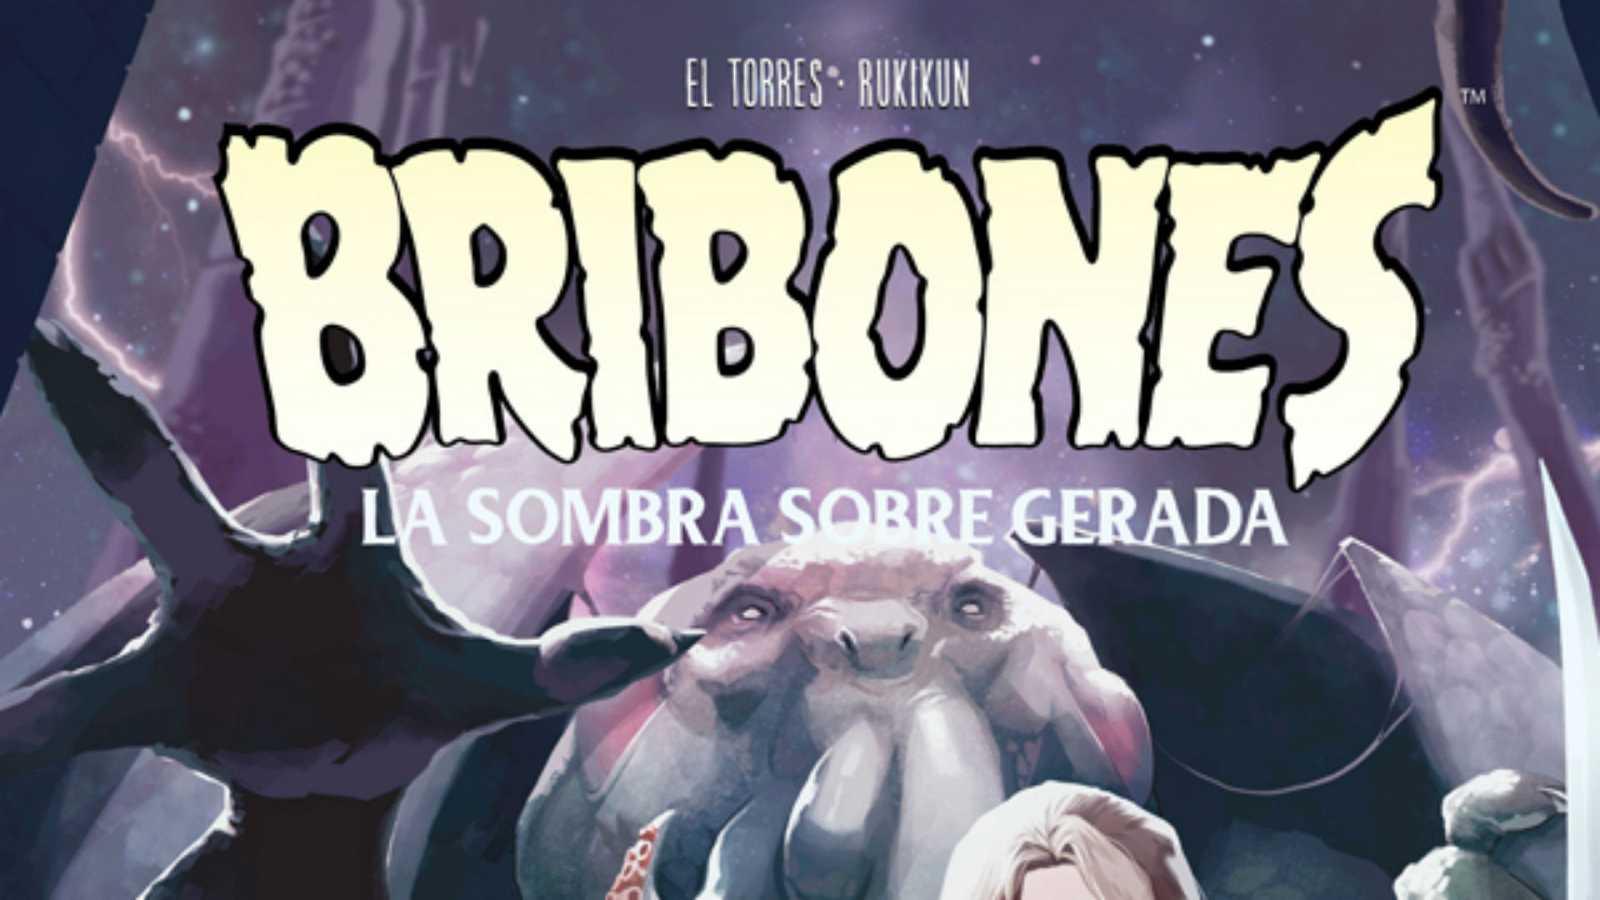 Viñetas y bocadillos - El Torres & Rukikun 'Bribones. La sombra sobre Gerada' - 07/09/20 - escuchar ahora